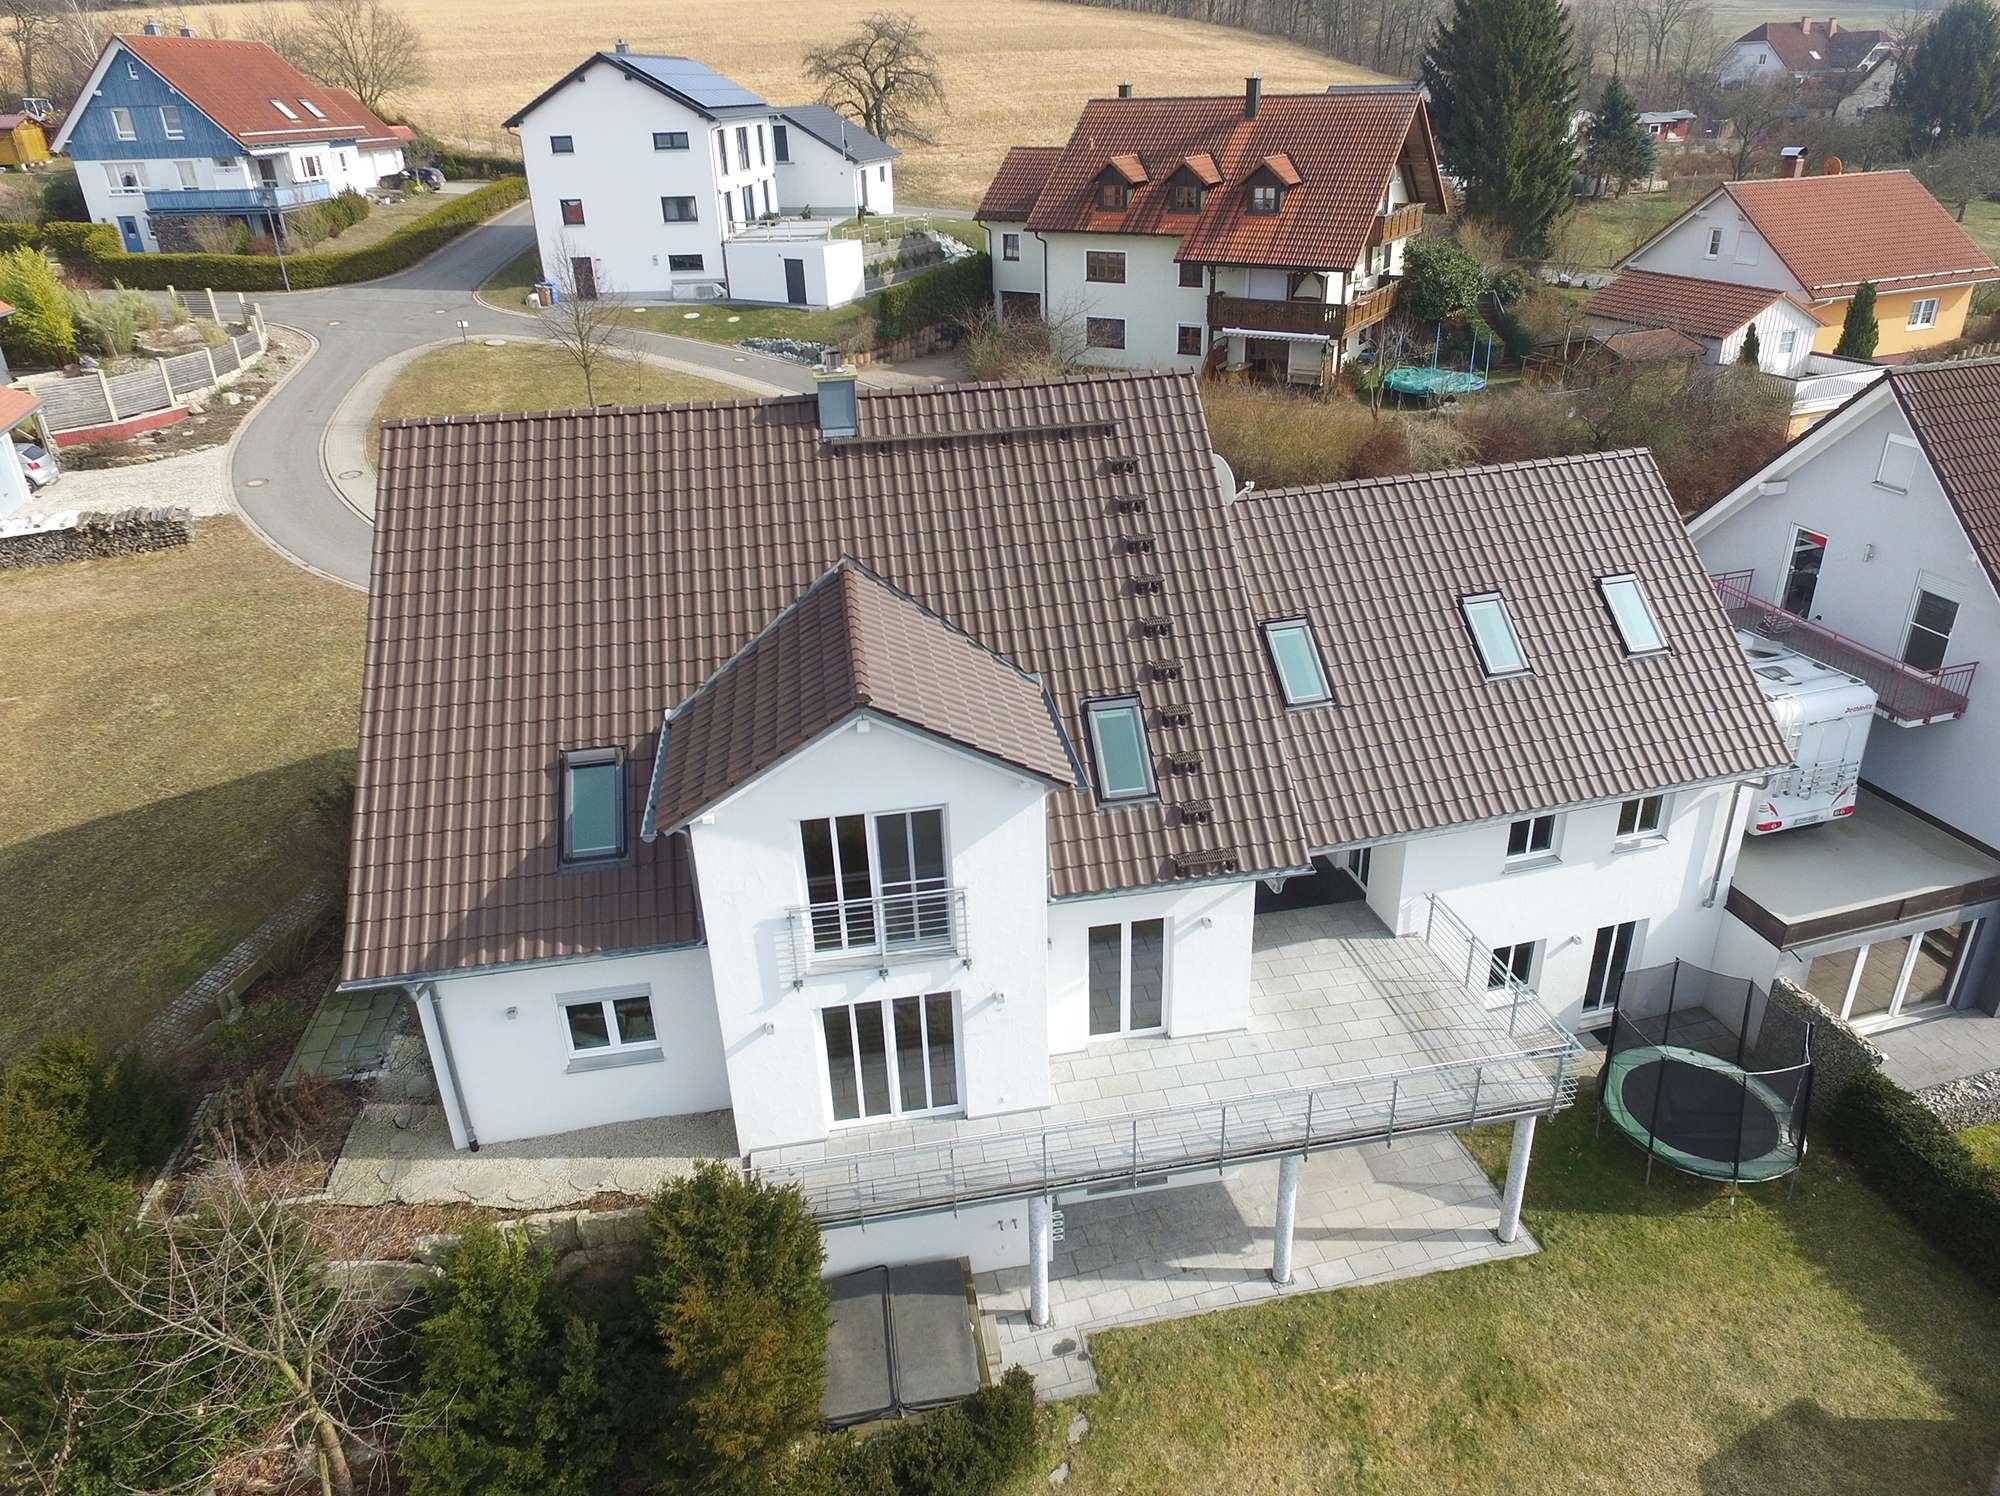 Architektenhaus der Superlative mit Whirlpool im Neubaugebiet, wenige Minuten vor Bayreuth!